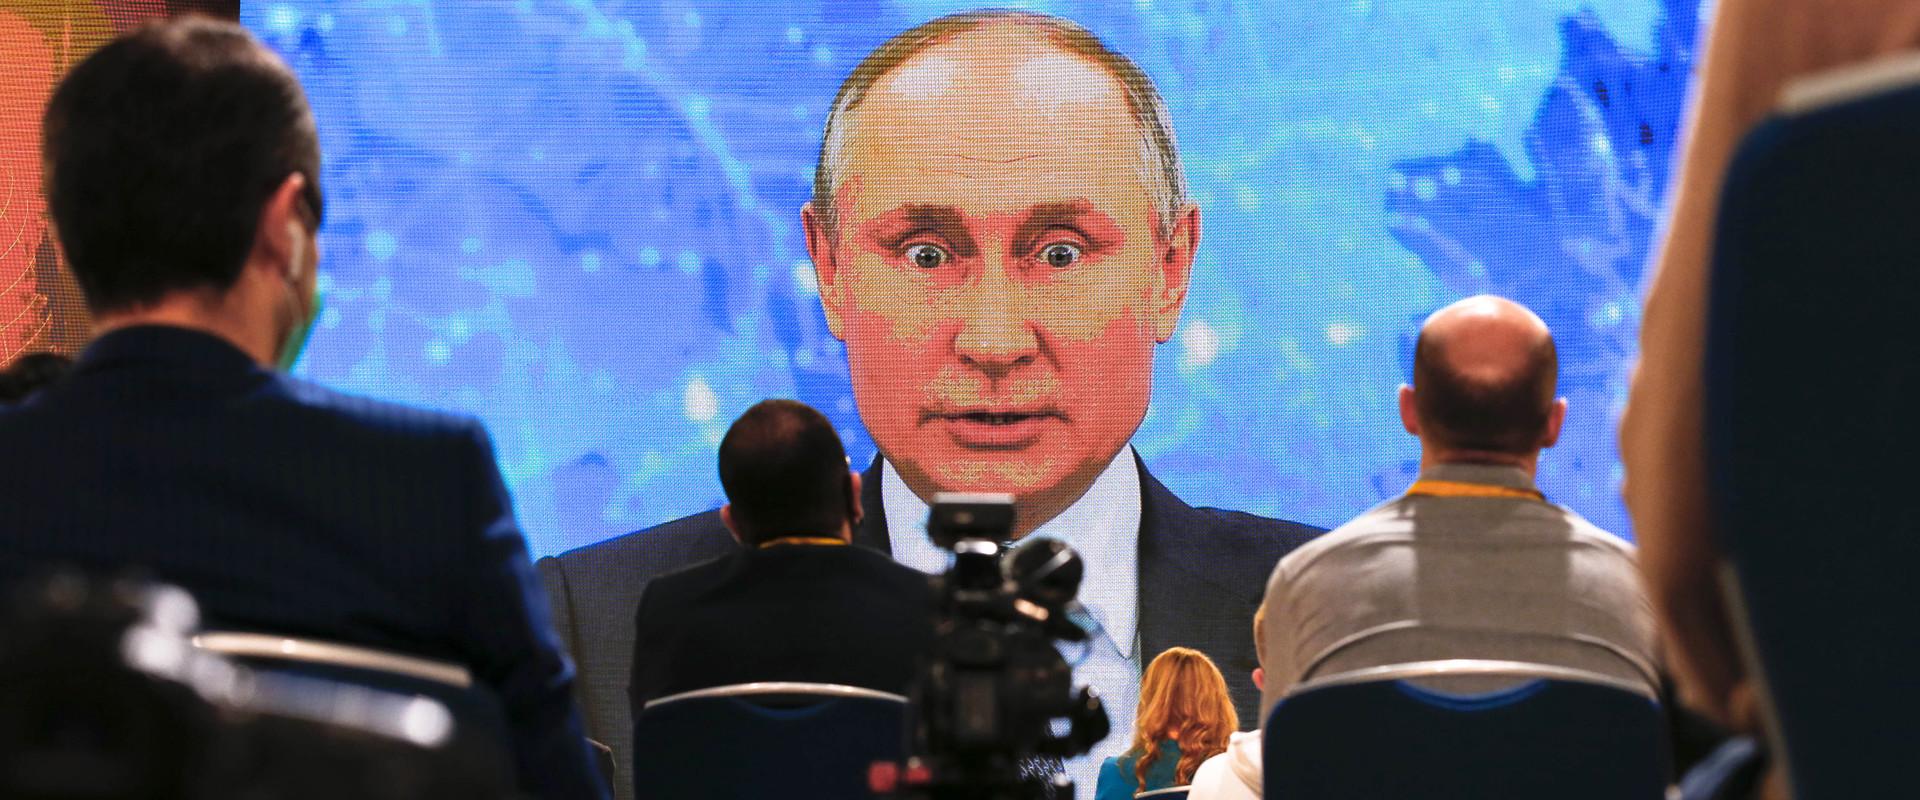 הנוסחה המצליחה של פוטין להישאר בשלטון הרוסי (צילום: ap)